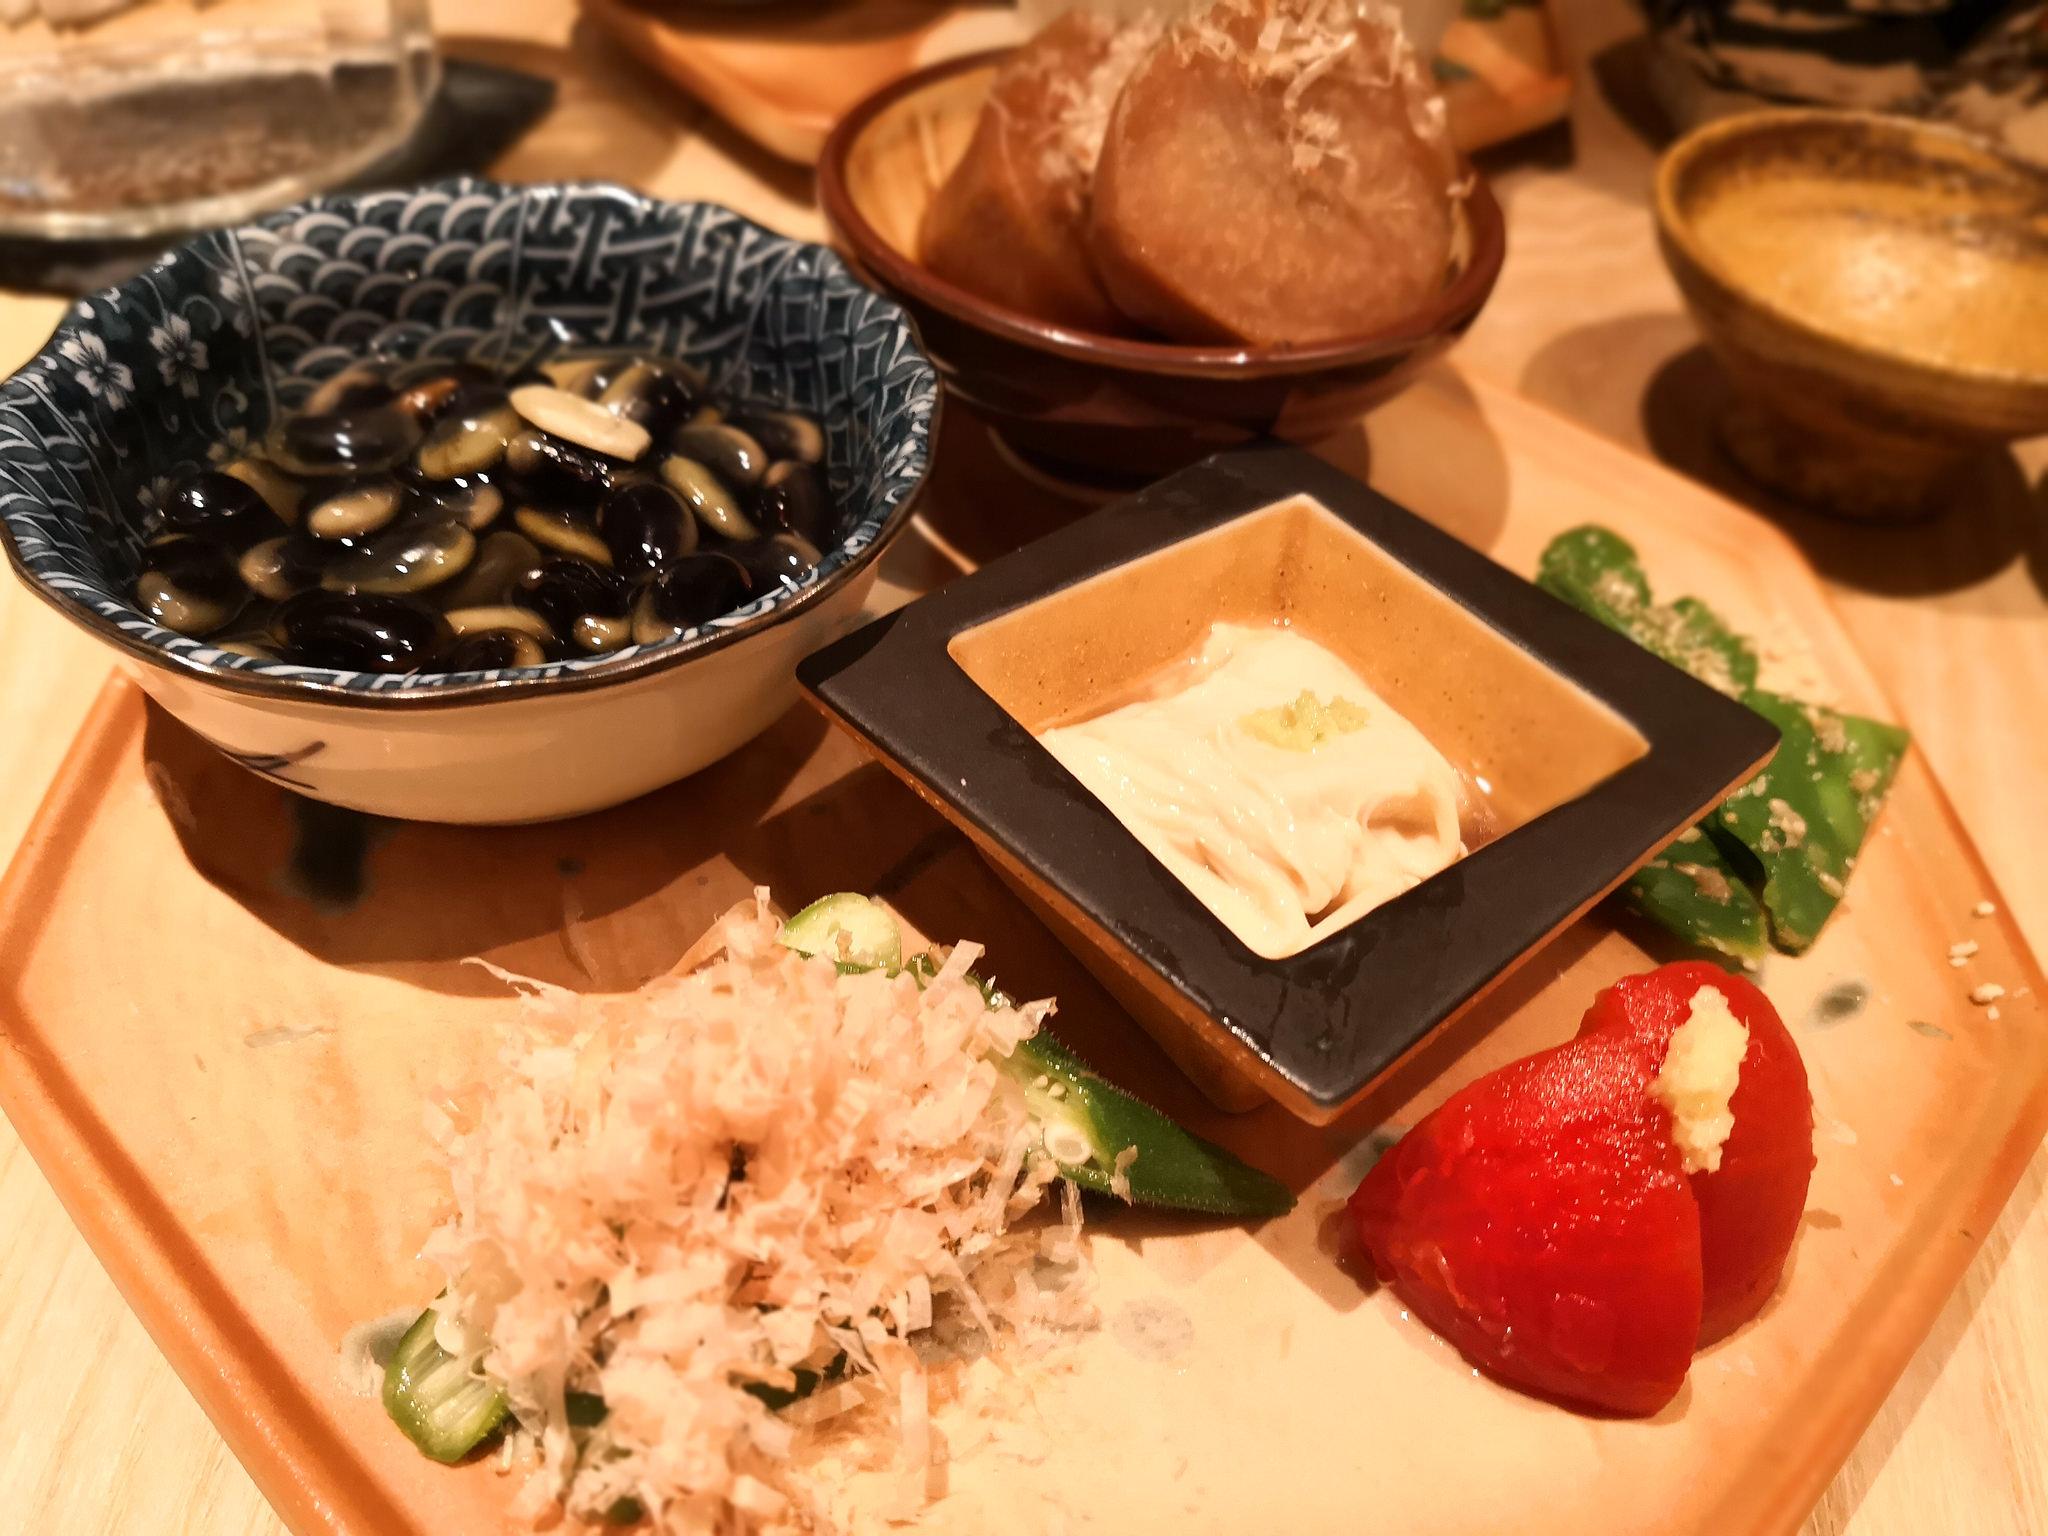 【恵比寿】酒 秀治郎@気の利くアテに日本酒三昧。日本酒好きのためのお店。